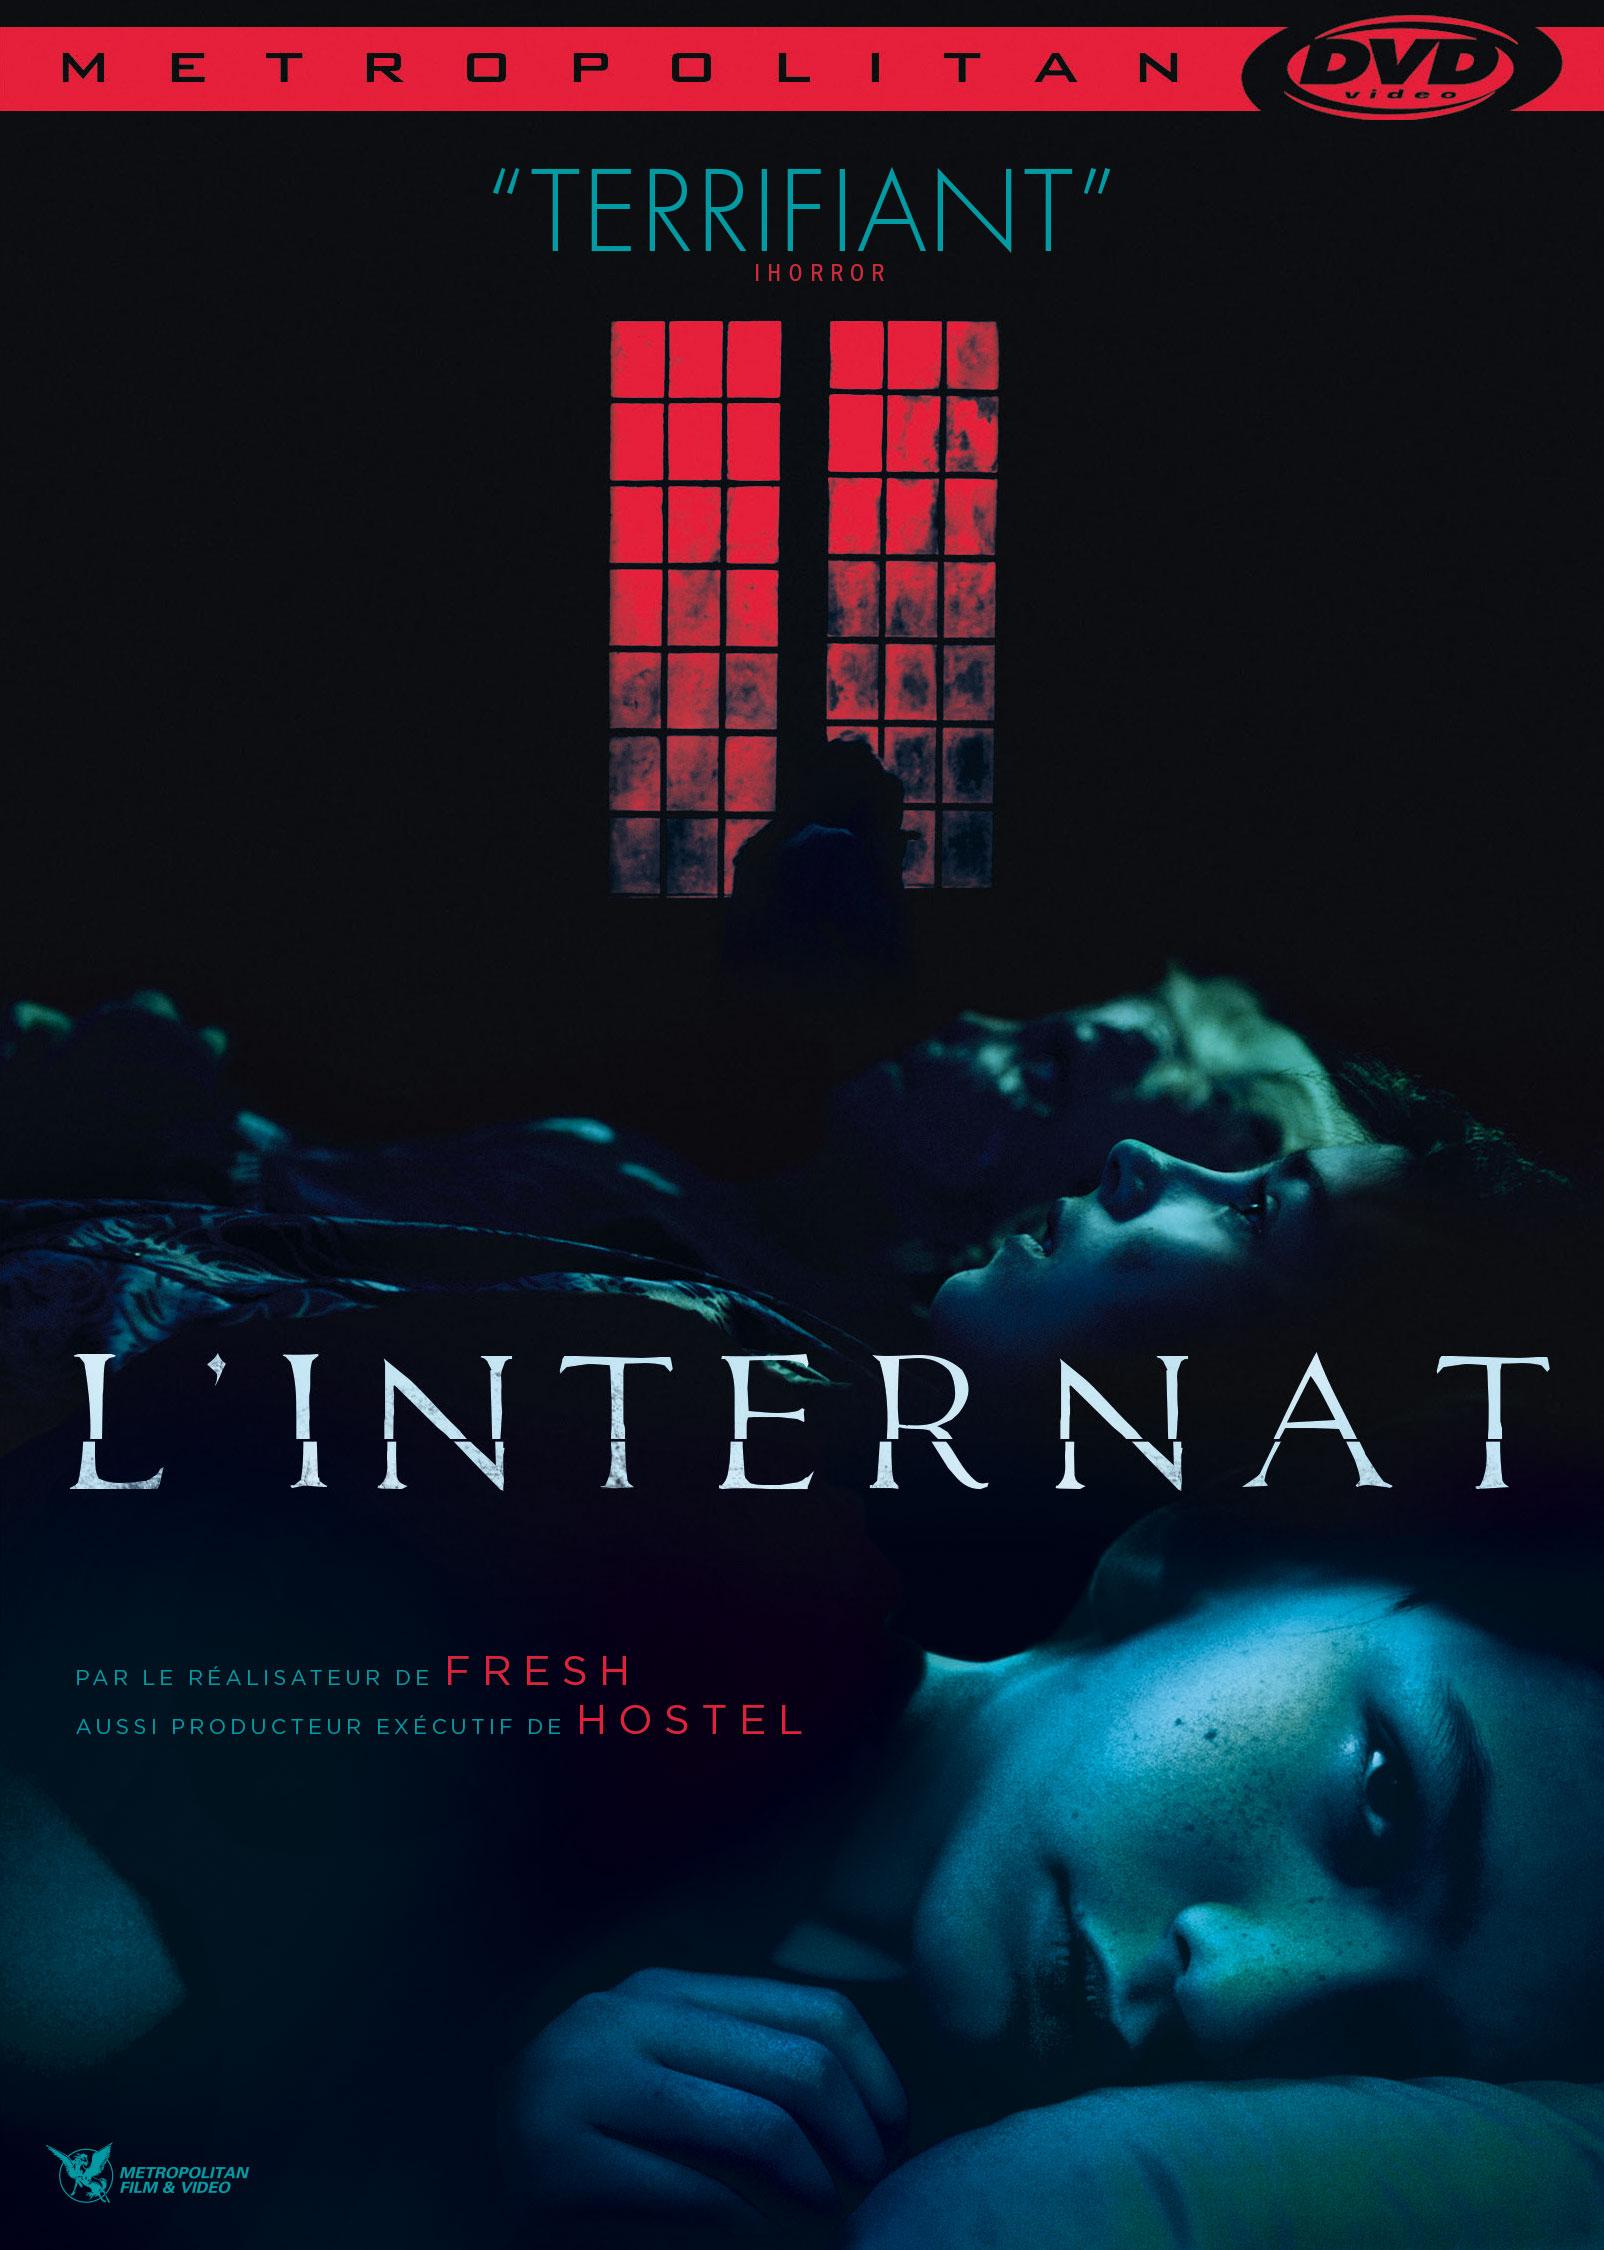 Internat Filme